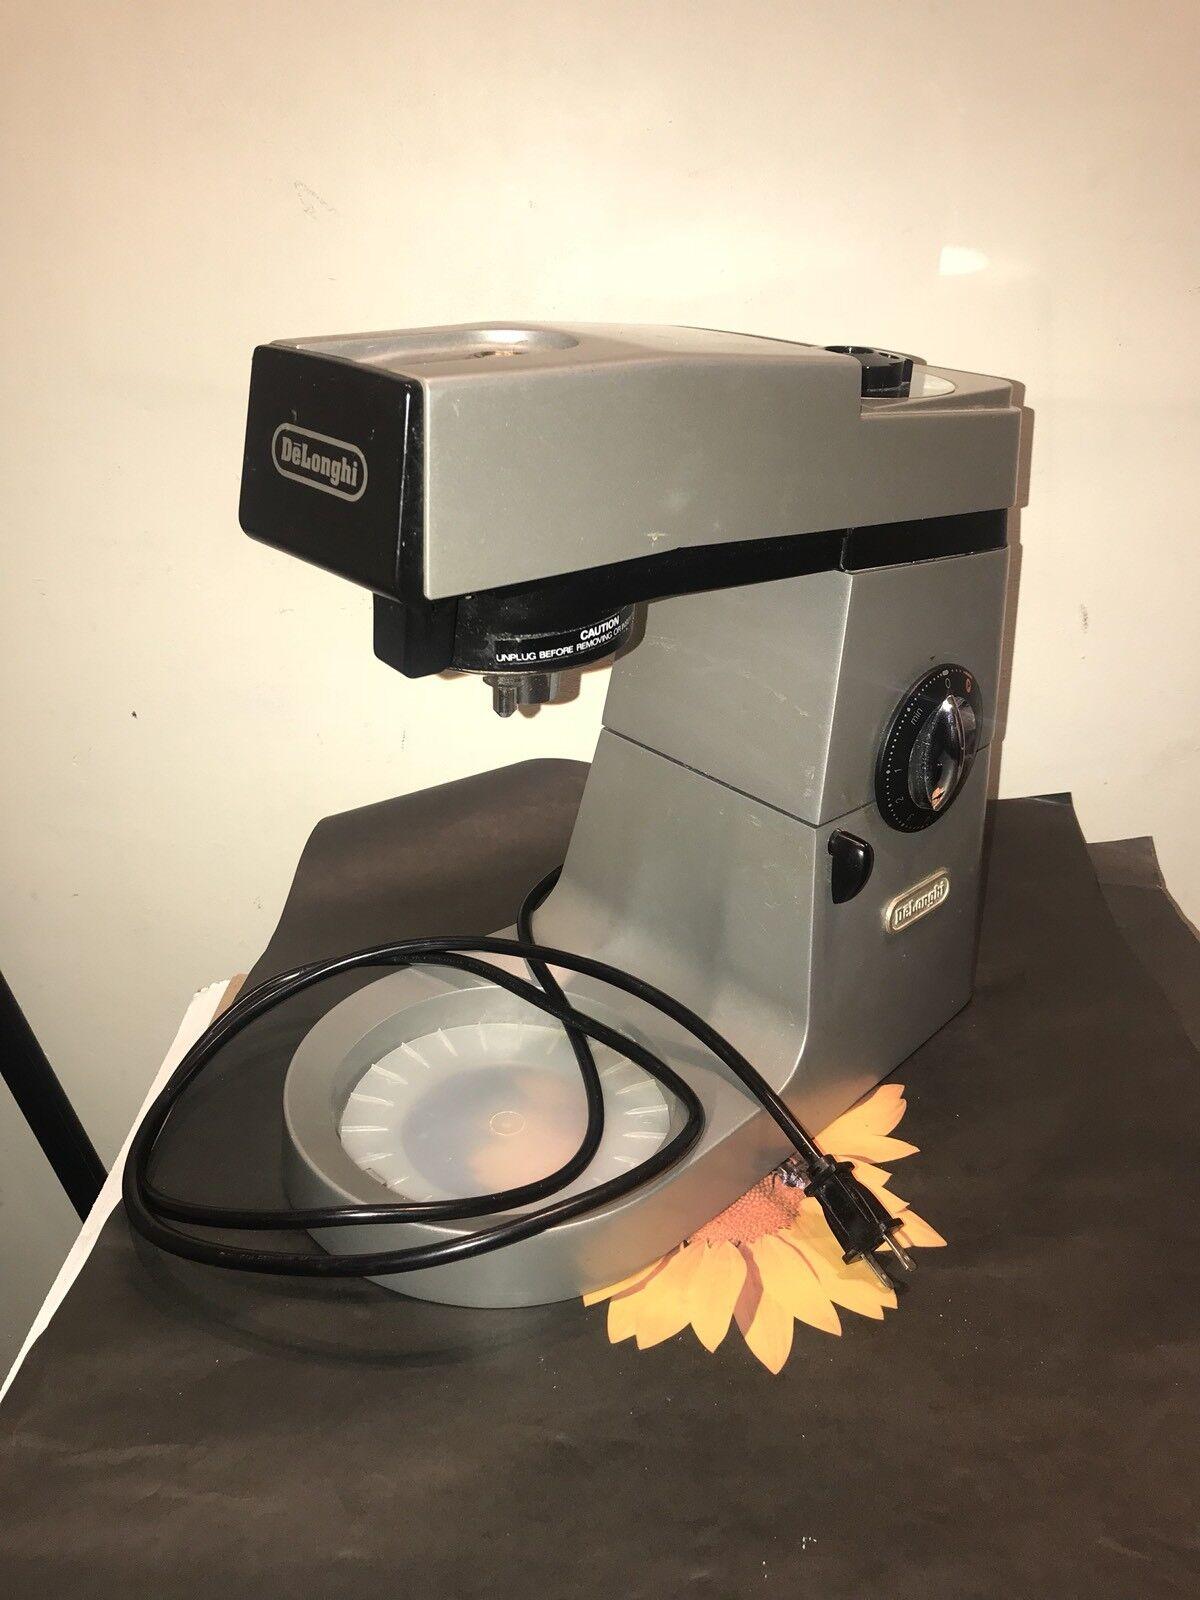 Delonghi DSM800 Cucina seulement robot mélangeur grand travail  telle quelle